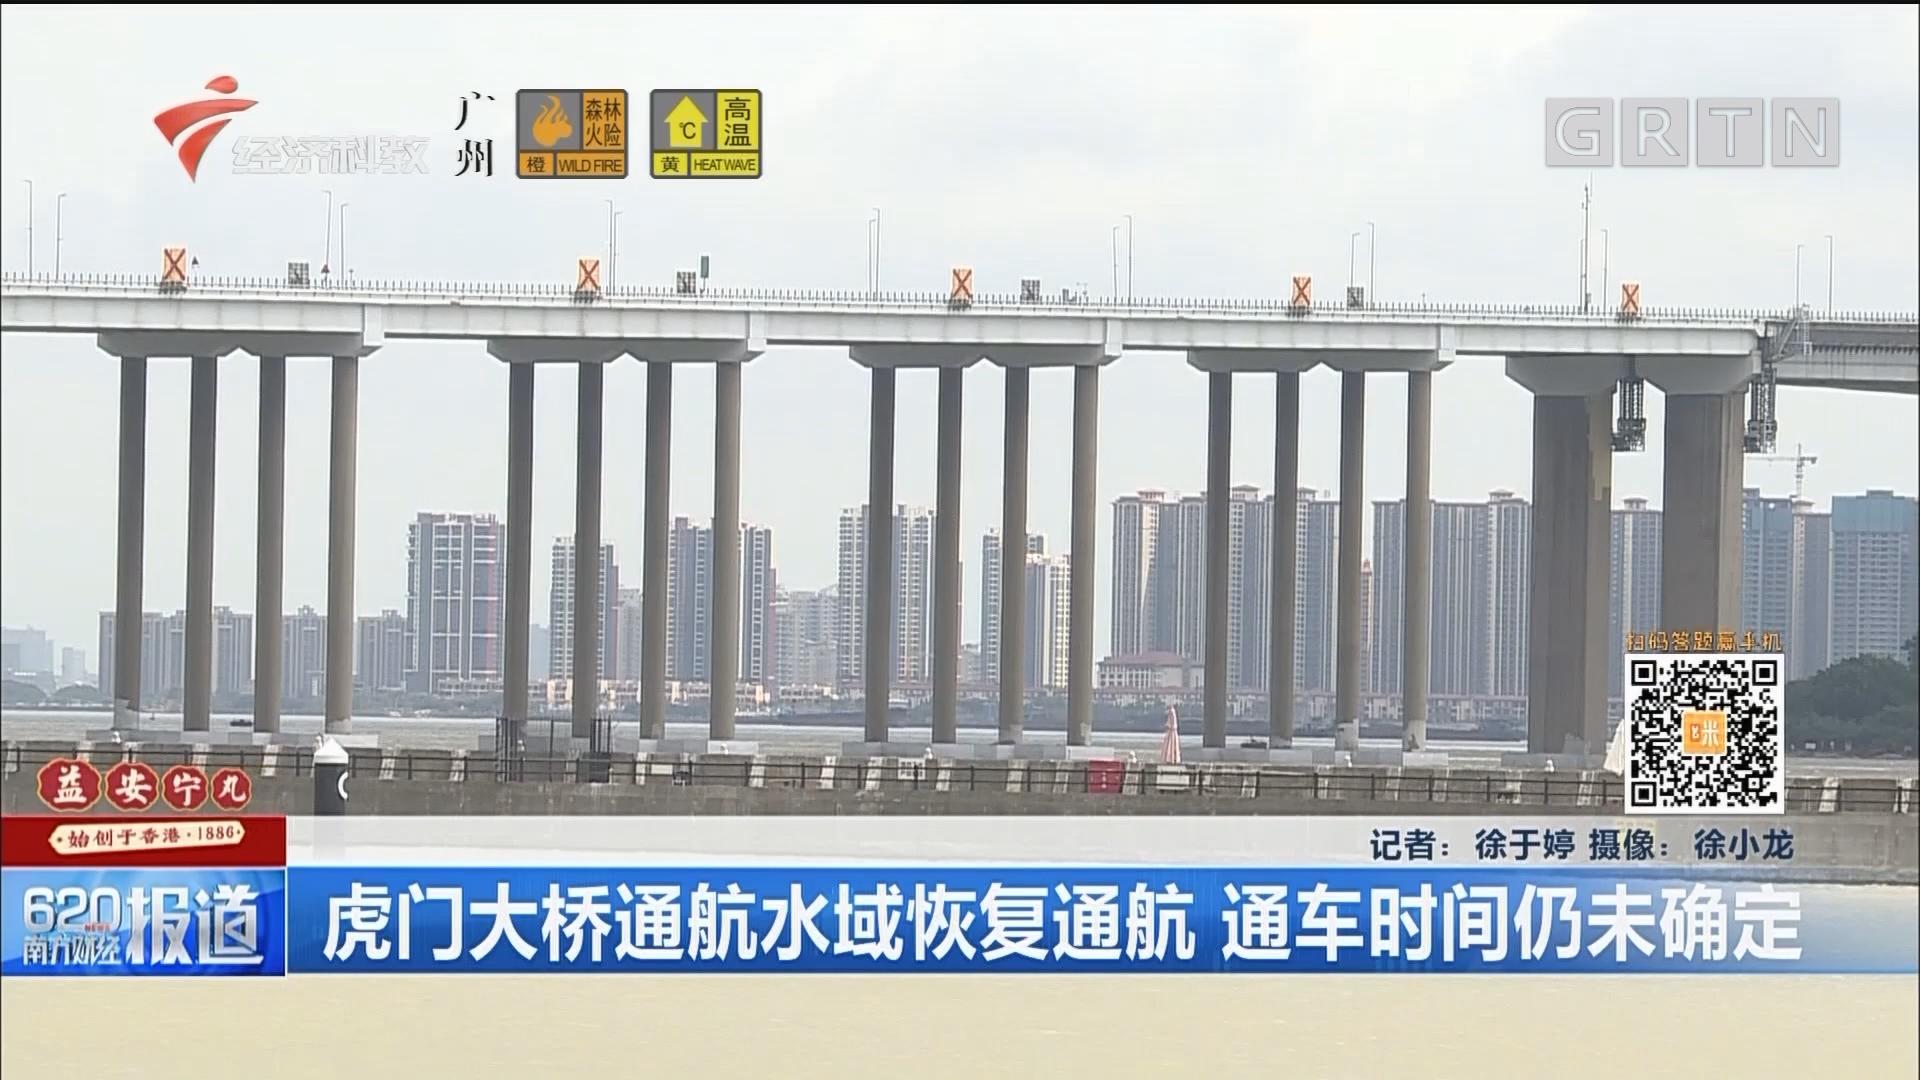 虎門大橋通航水域恢復通航 通車時間仍未確定